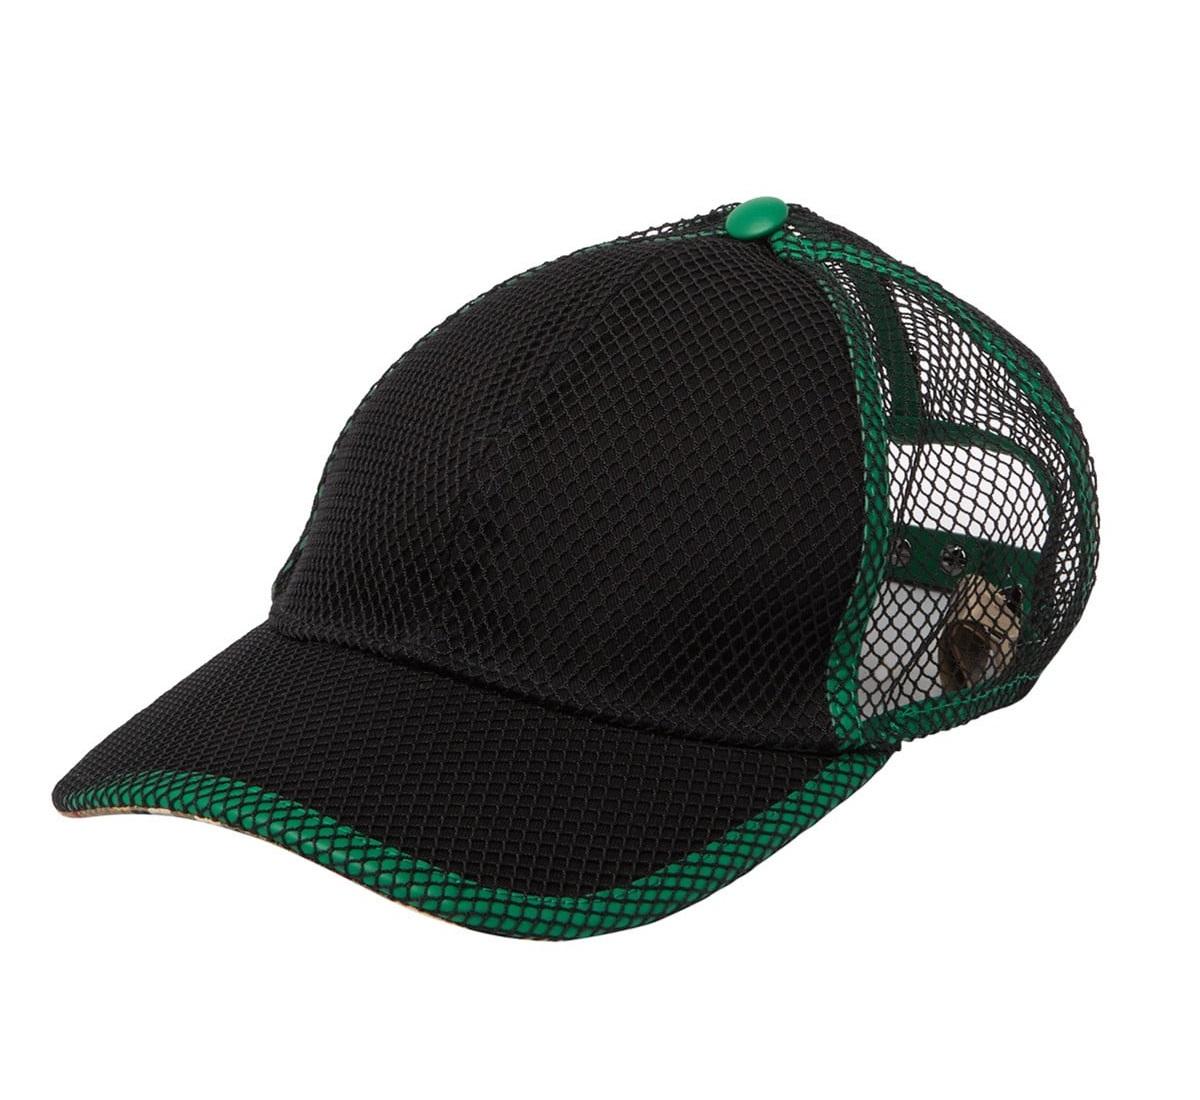 Burberry Alh Netted Baseball Cap In Black